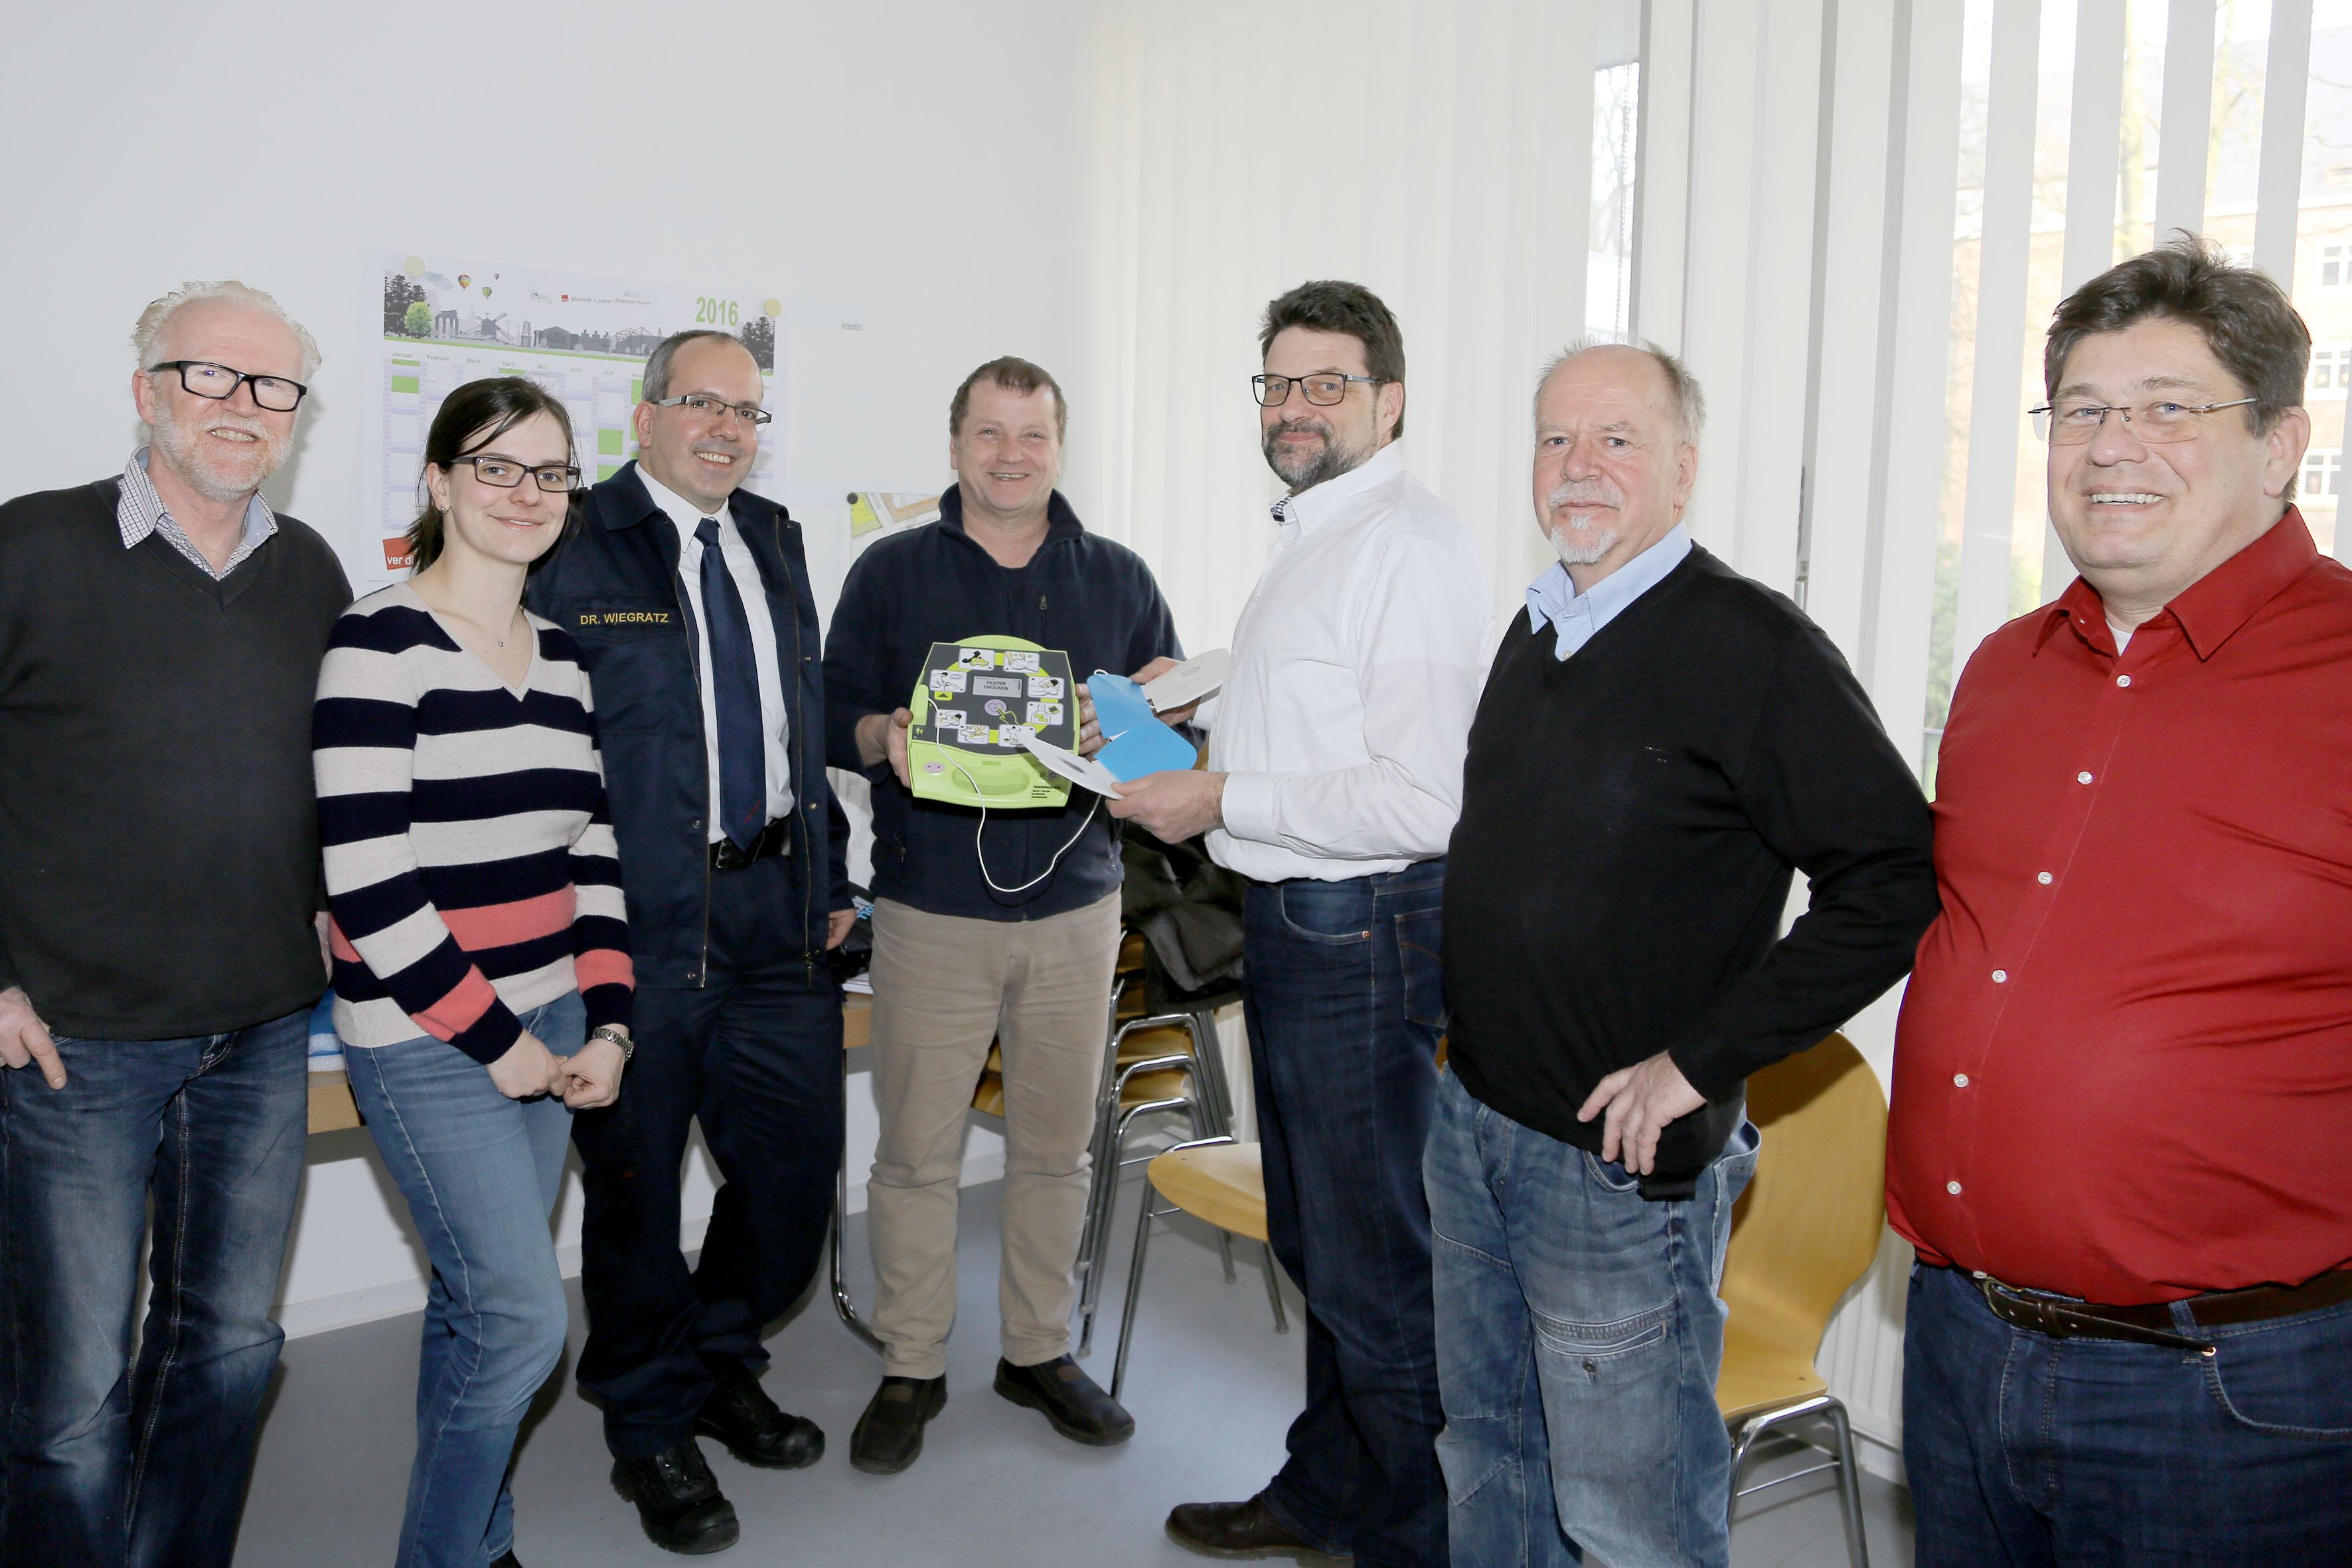 Neuer Defibrillator im Tiefbauamt in Betrieb genommen (Foto: Stadt Krefeld, L. Strücken)